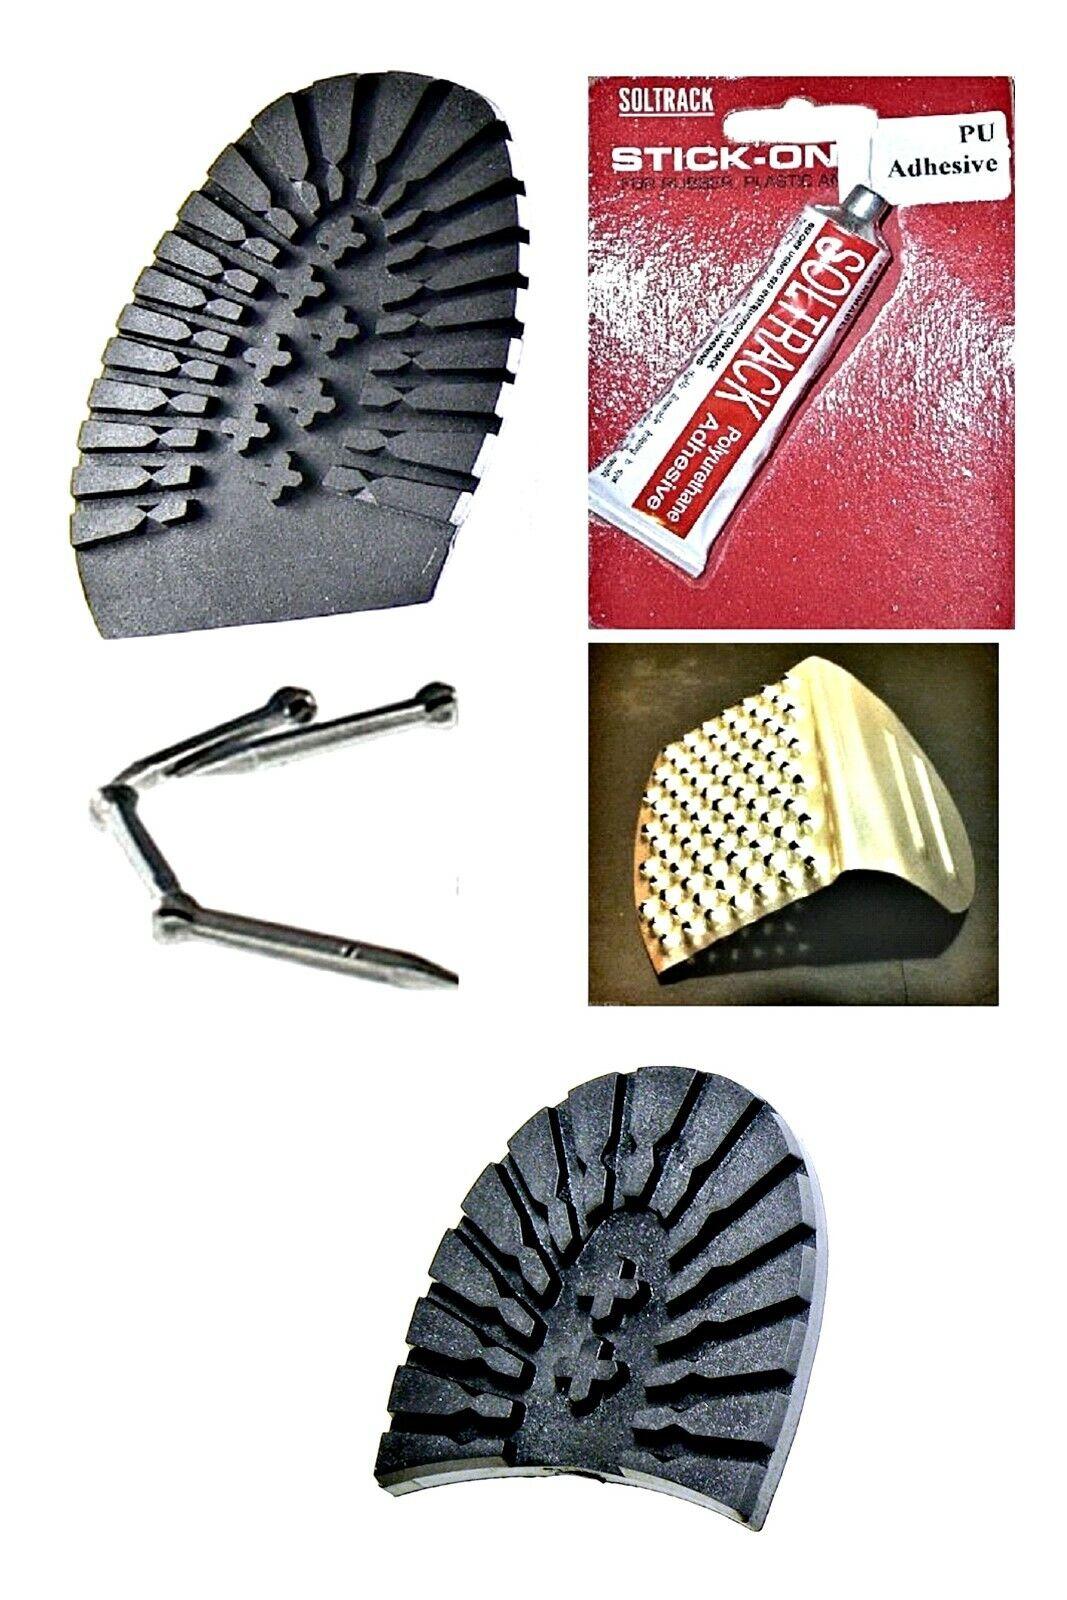 Ladies Walking Sole and Heel Packs in Black For DIY Shoe Repairs